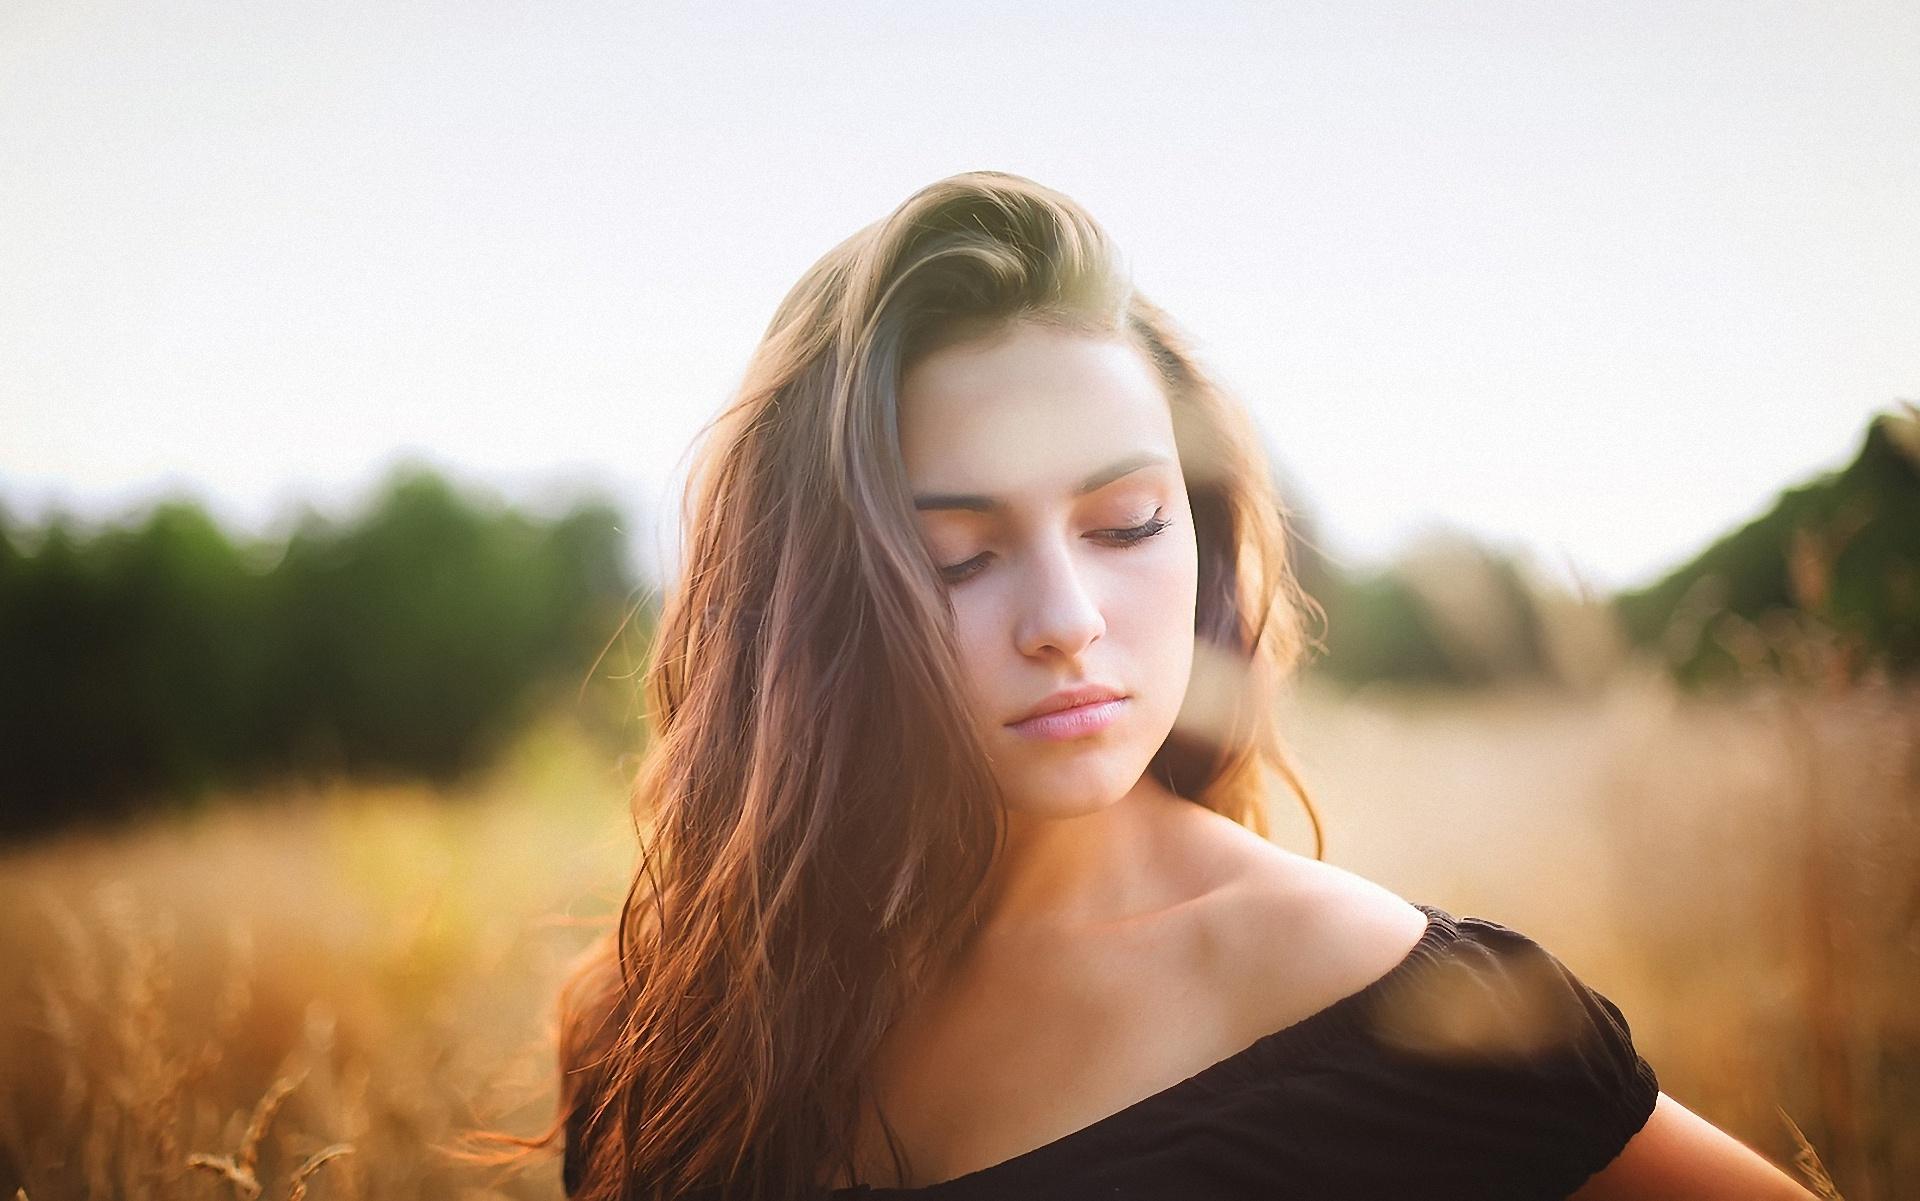 фото сайты с фотосессиями прекрасных девушек величеству